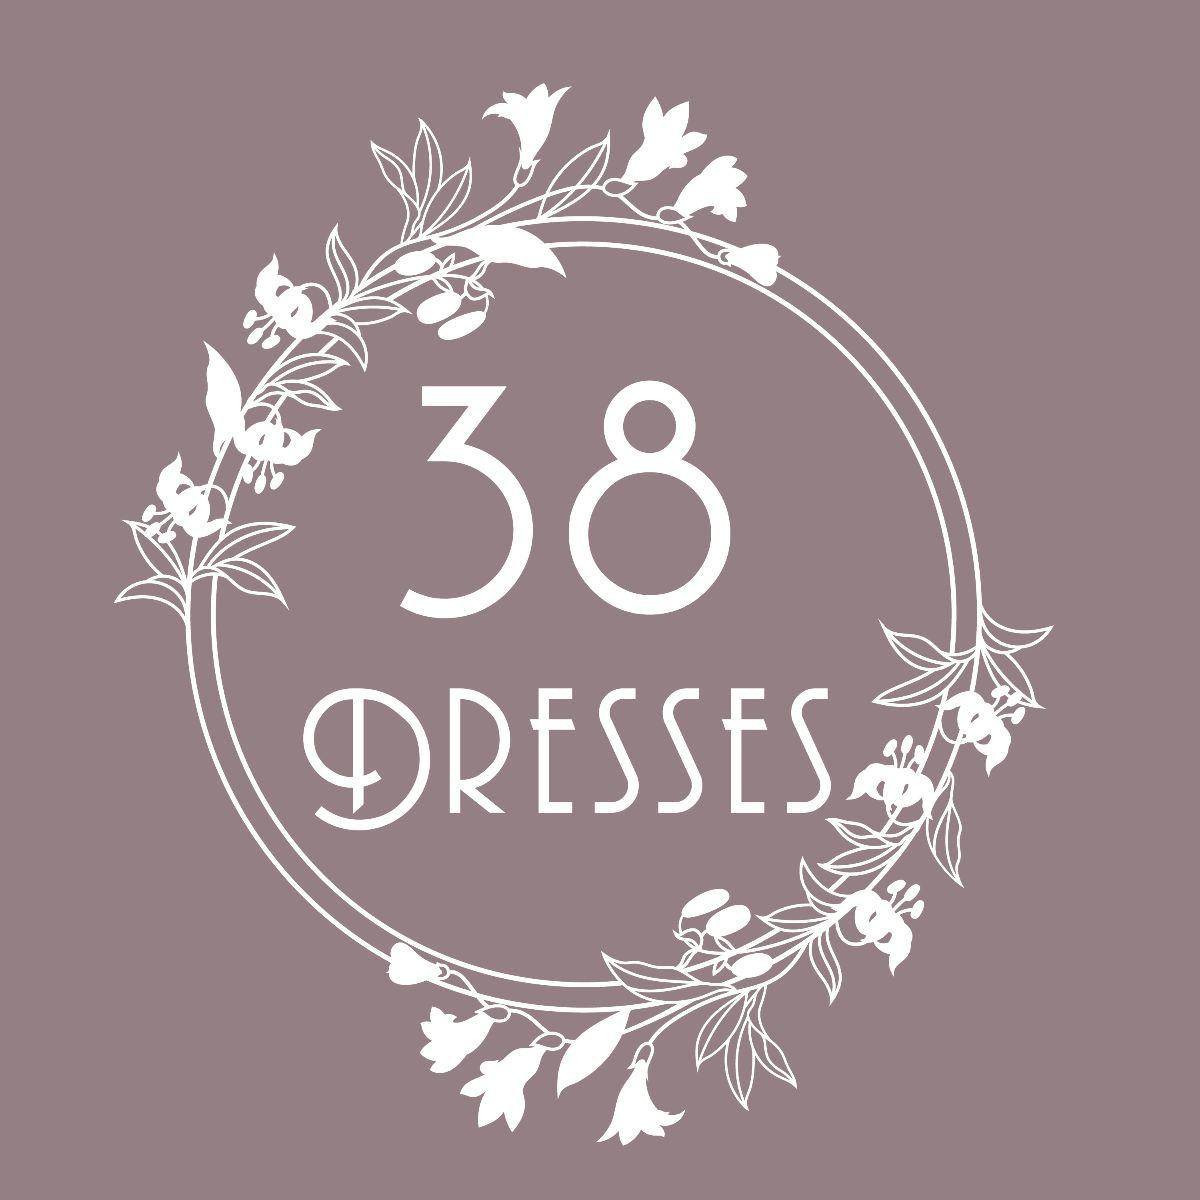 38 Dresses